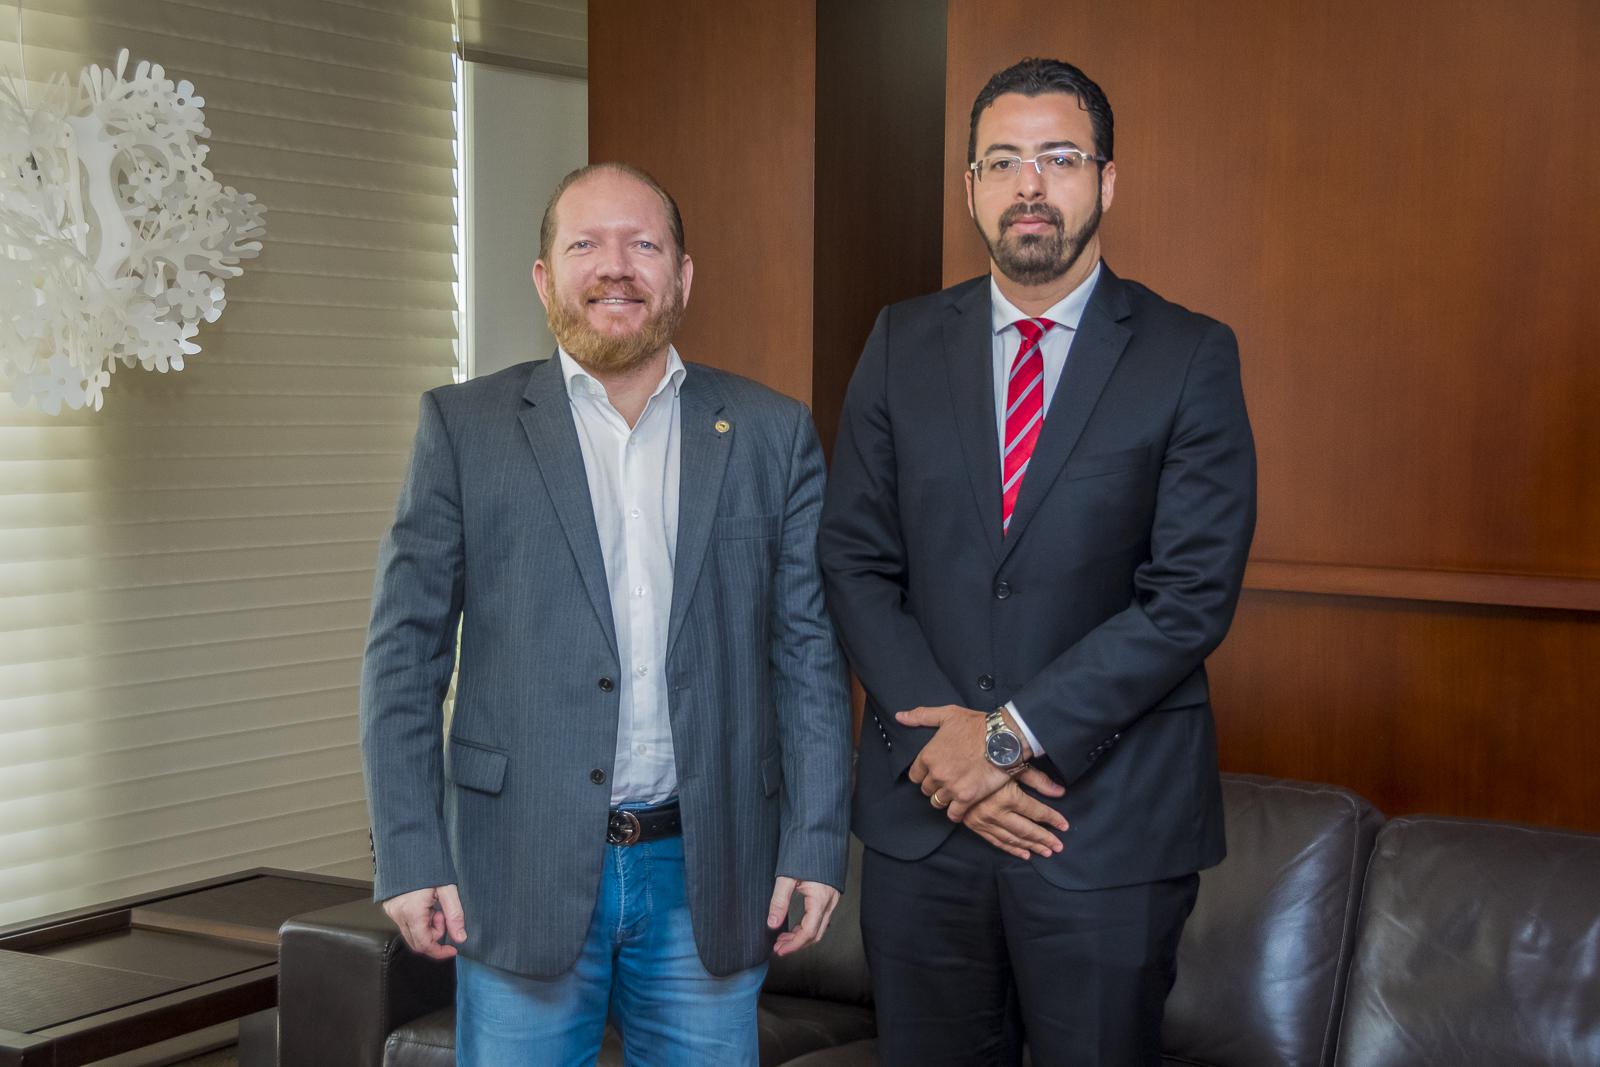 Othelino Neto recebe visita de cortesia do presidente da Associação dos Magistrados do Maranhão